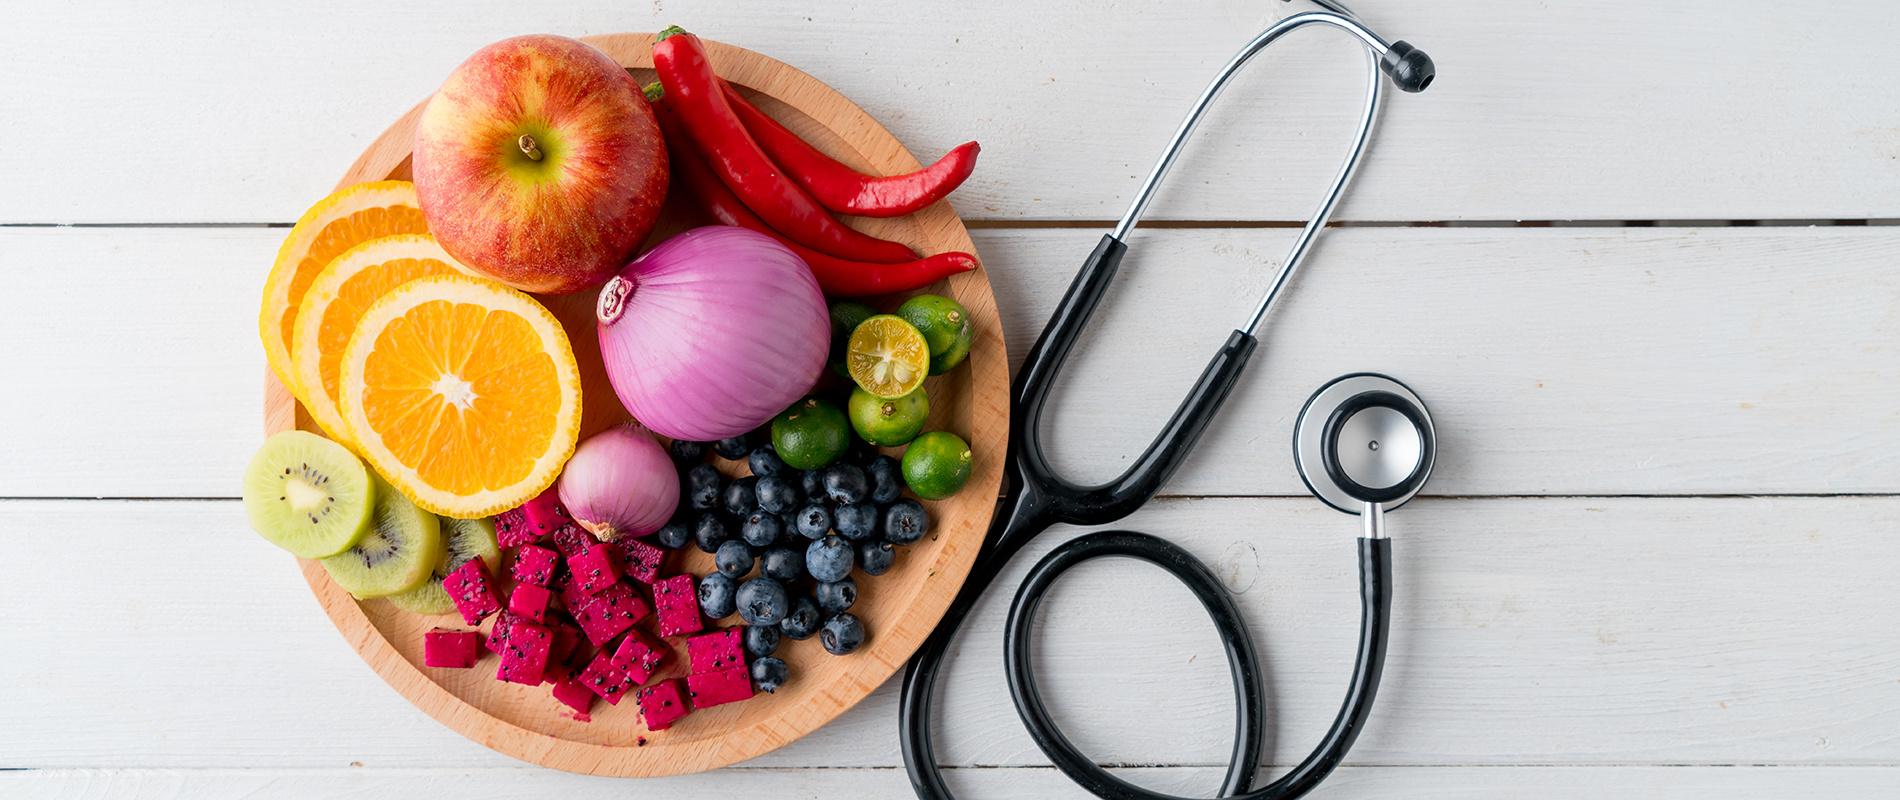 diéta a magas vérnyomásért, amit jobb enni